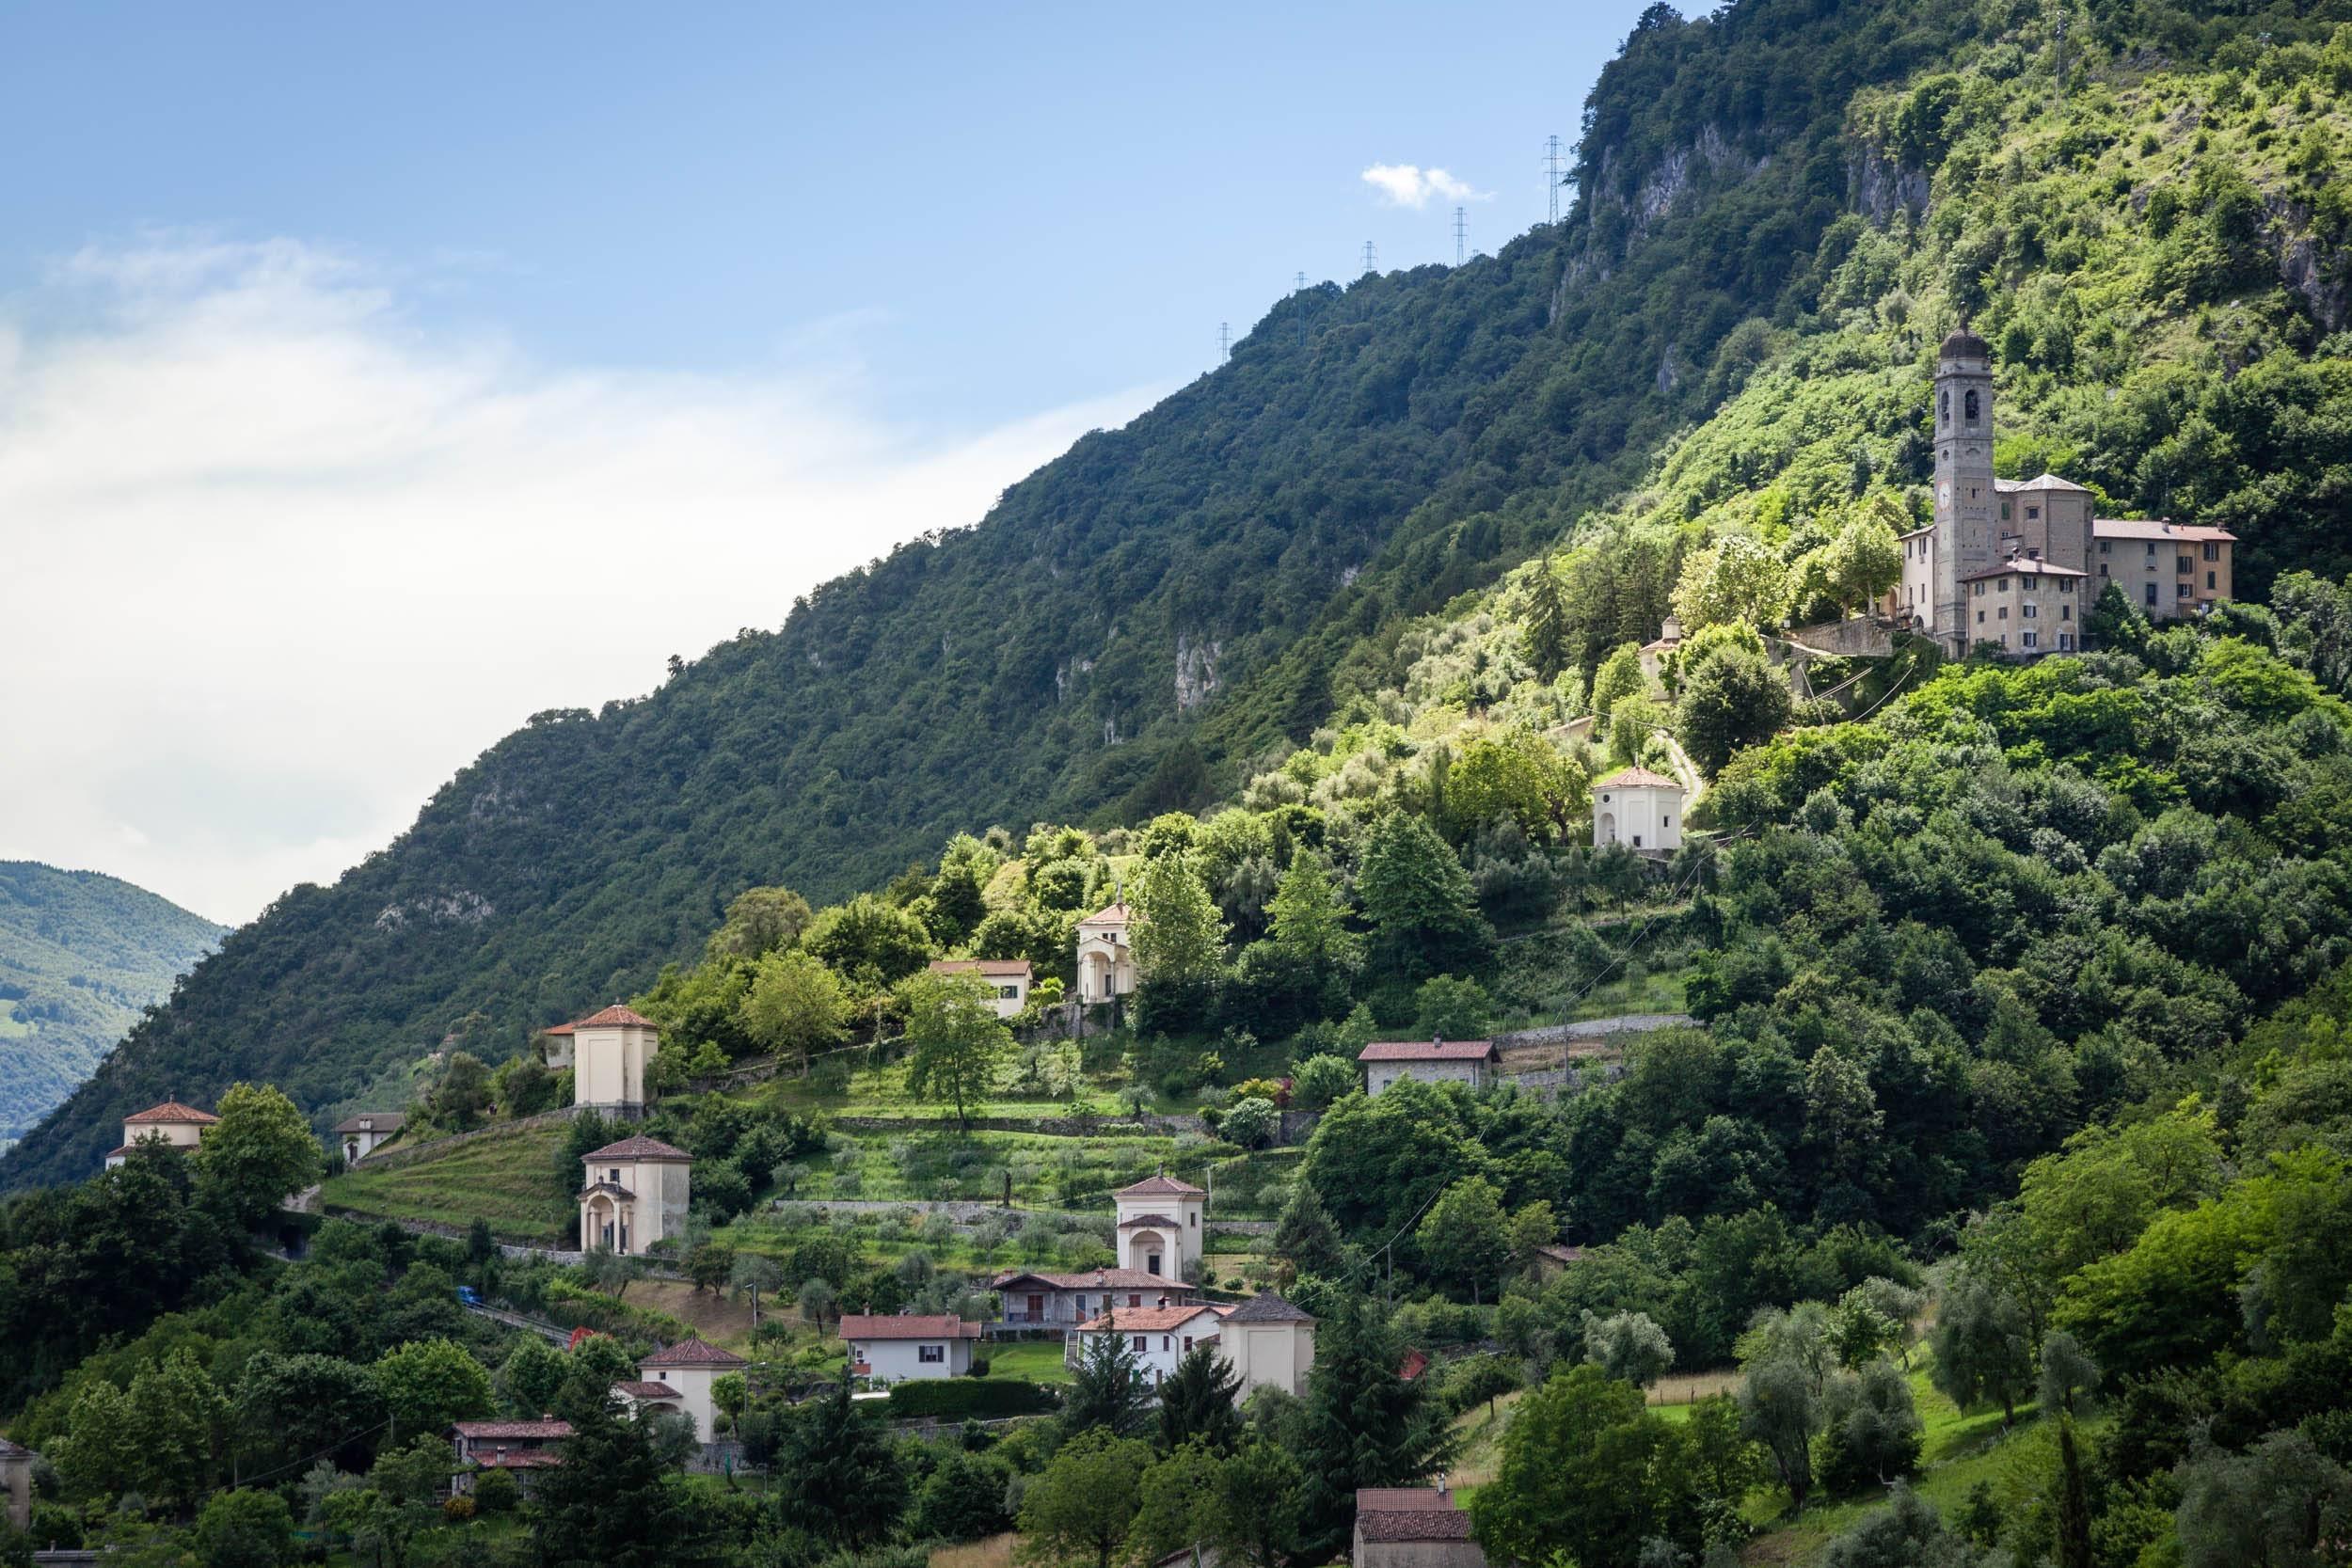 Sacro Monte di Ossuccio - Tremezzina